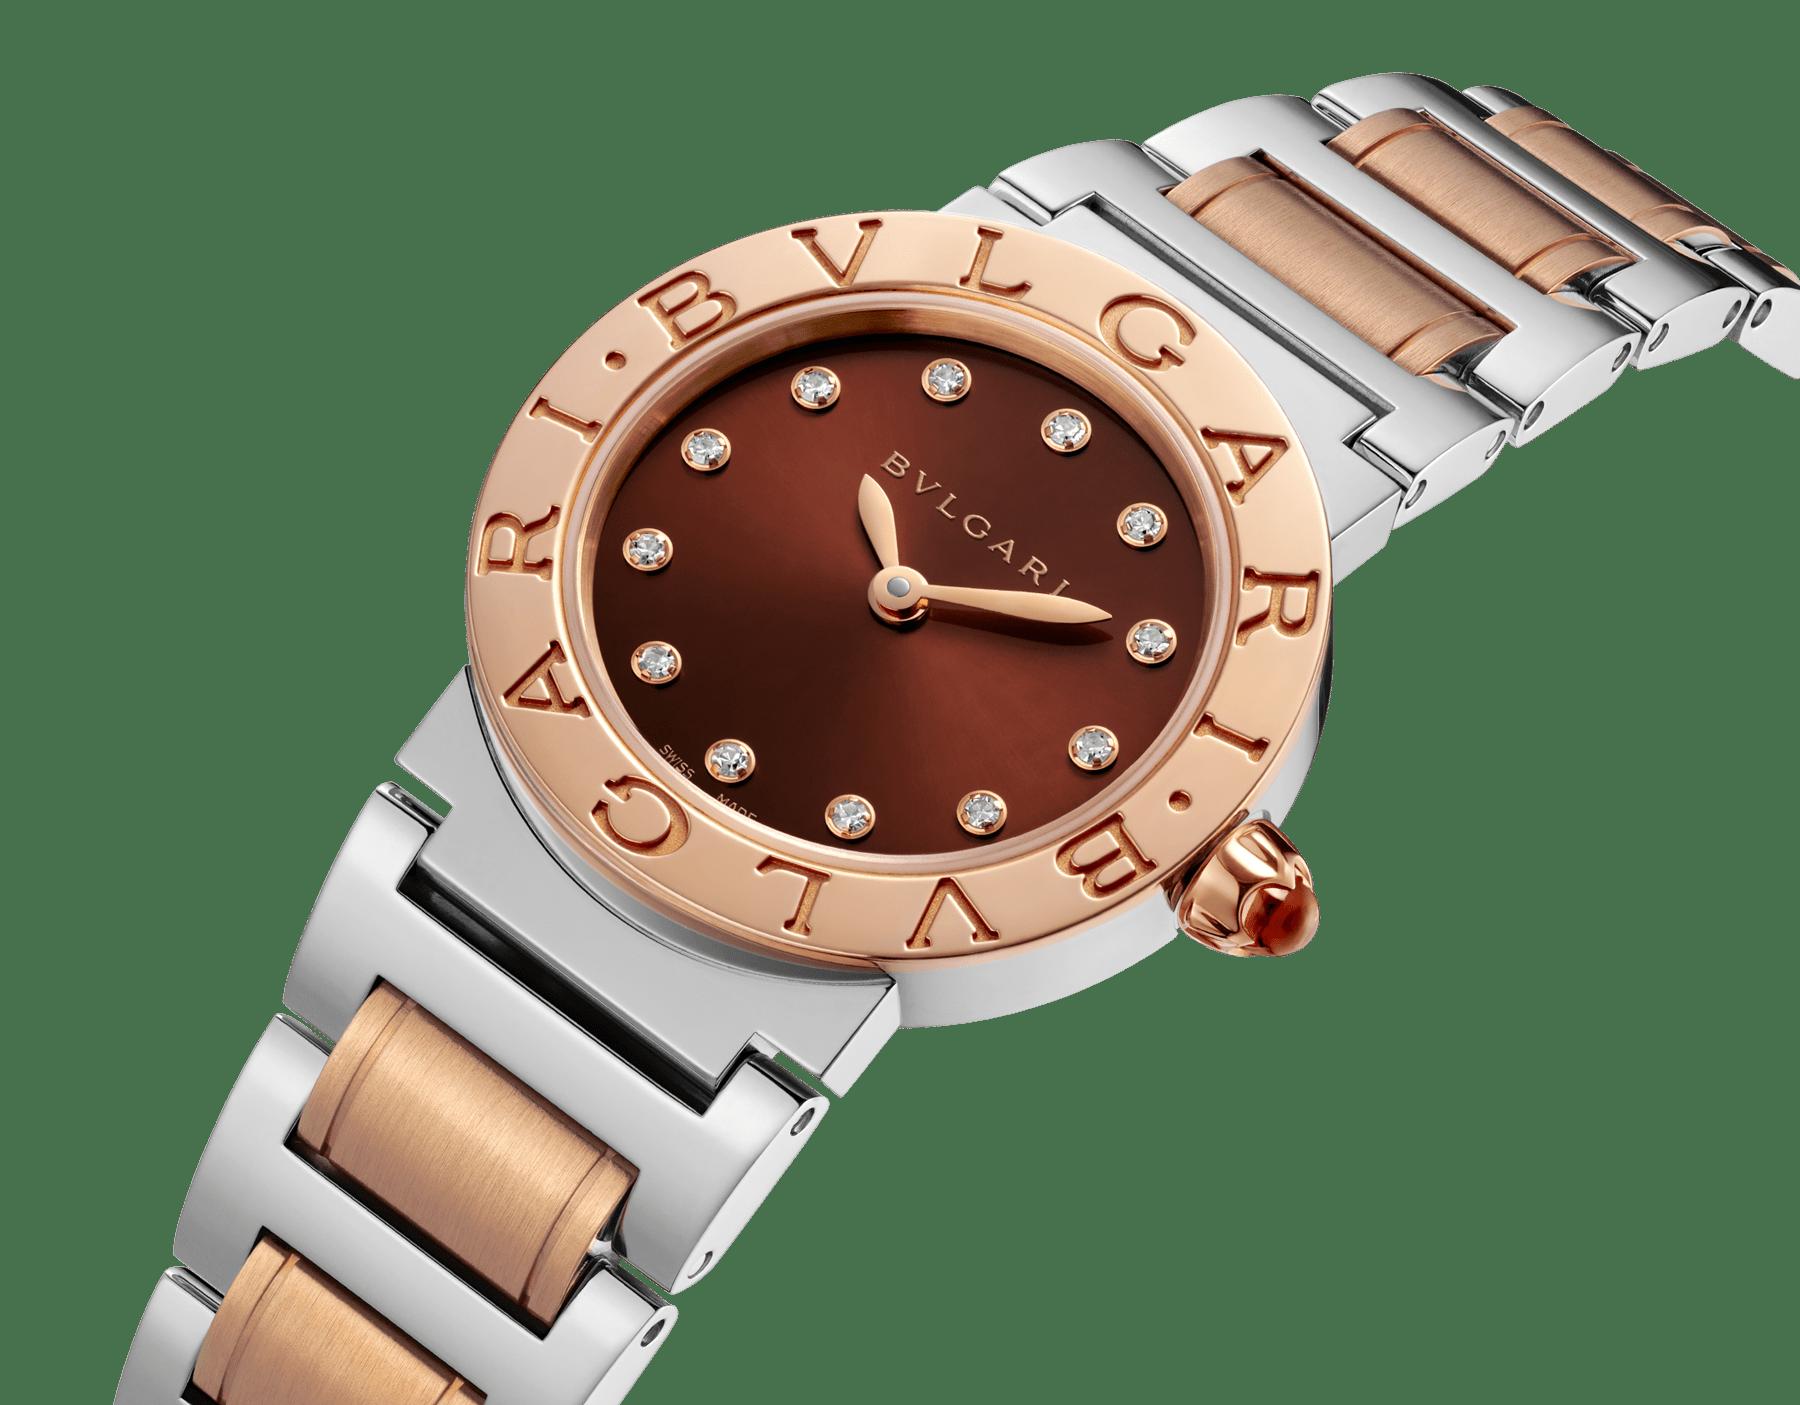 Montre BVLGARI BVLGARI avec boîtier et bracelet en or rose 18K et acier inoxydable, cadran laqué brun soleil et index sertis de diamants. Petit modèle. 102155 image 2